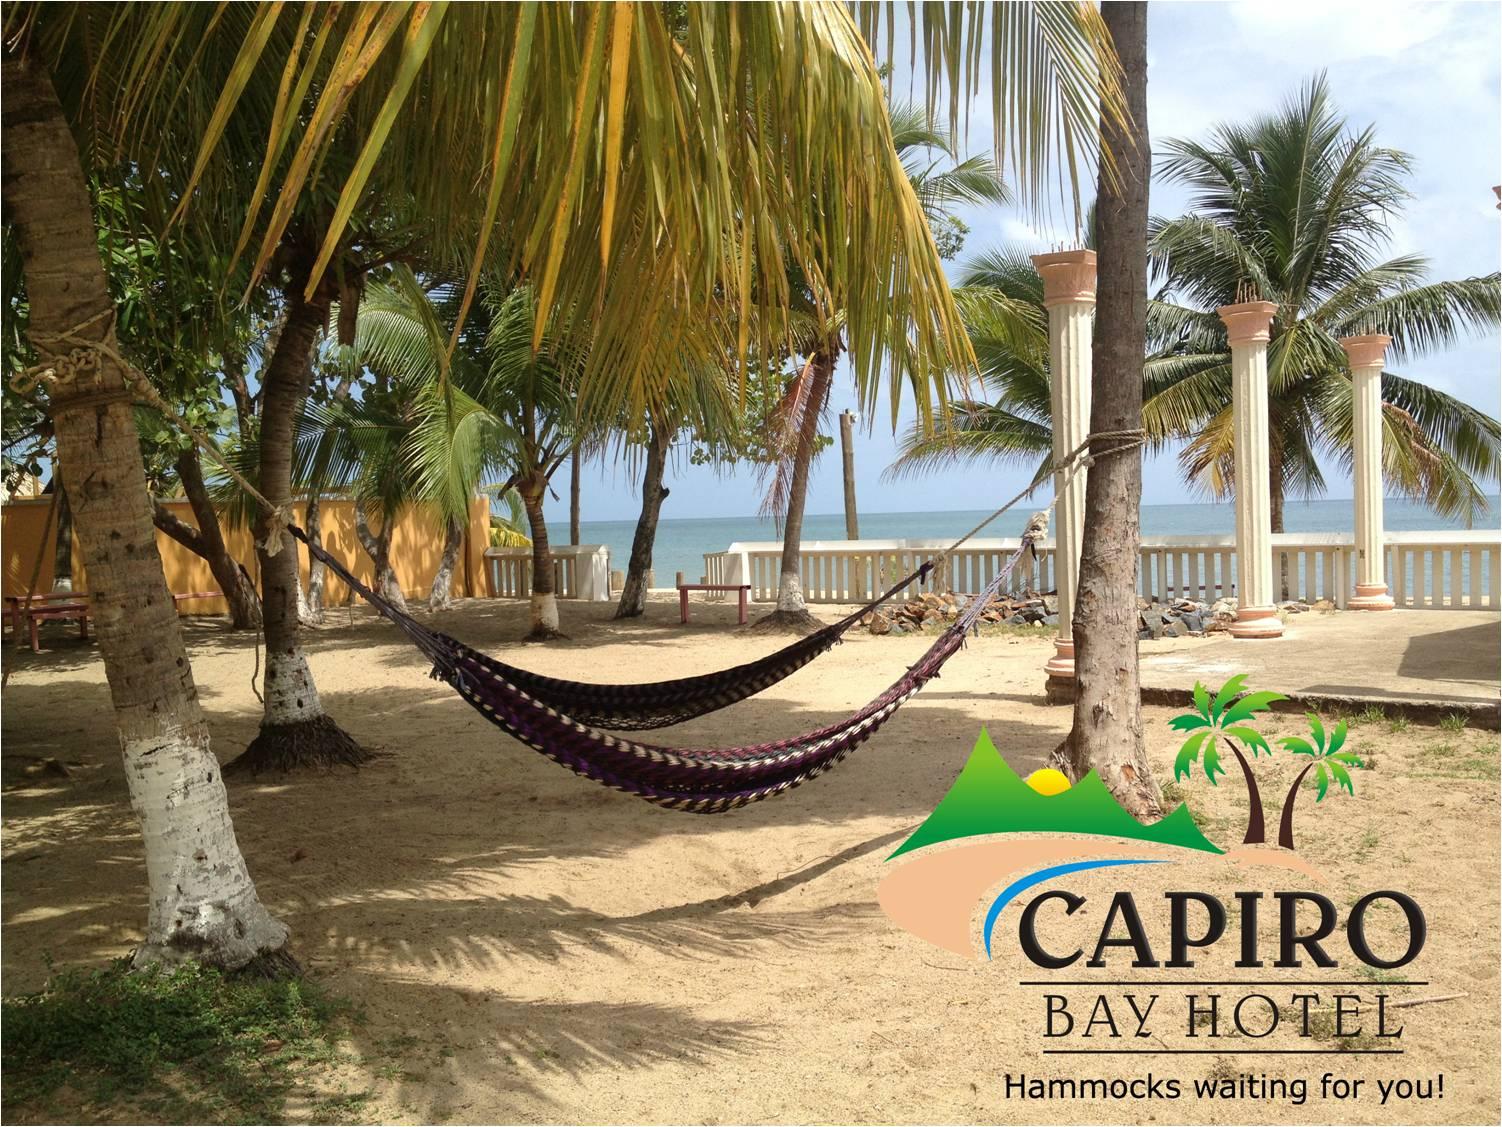 Capiro Bay Hotel  Honduras Tips